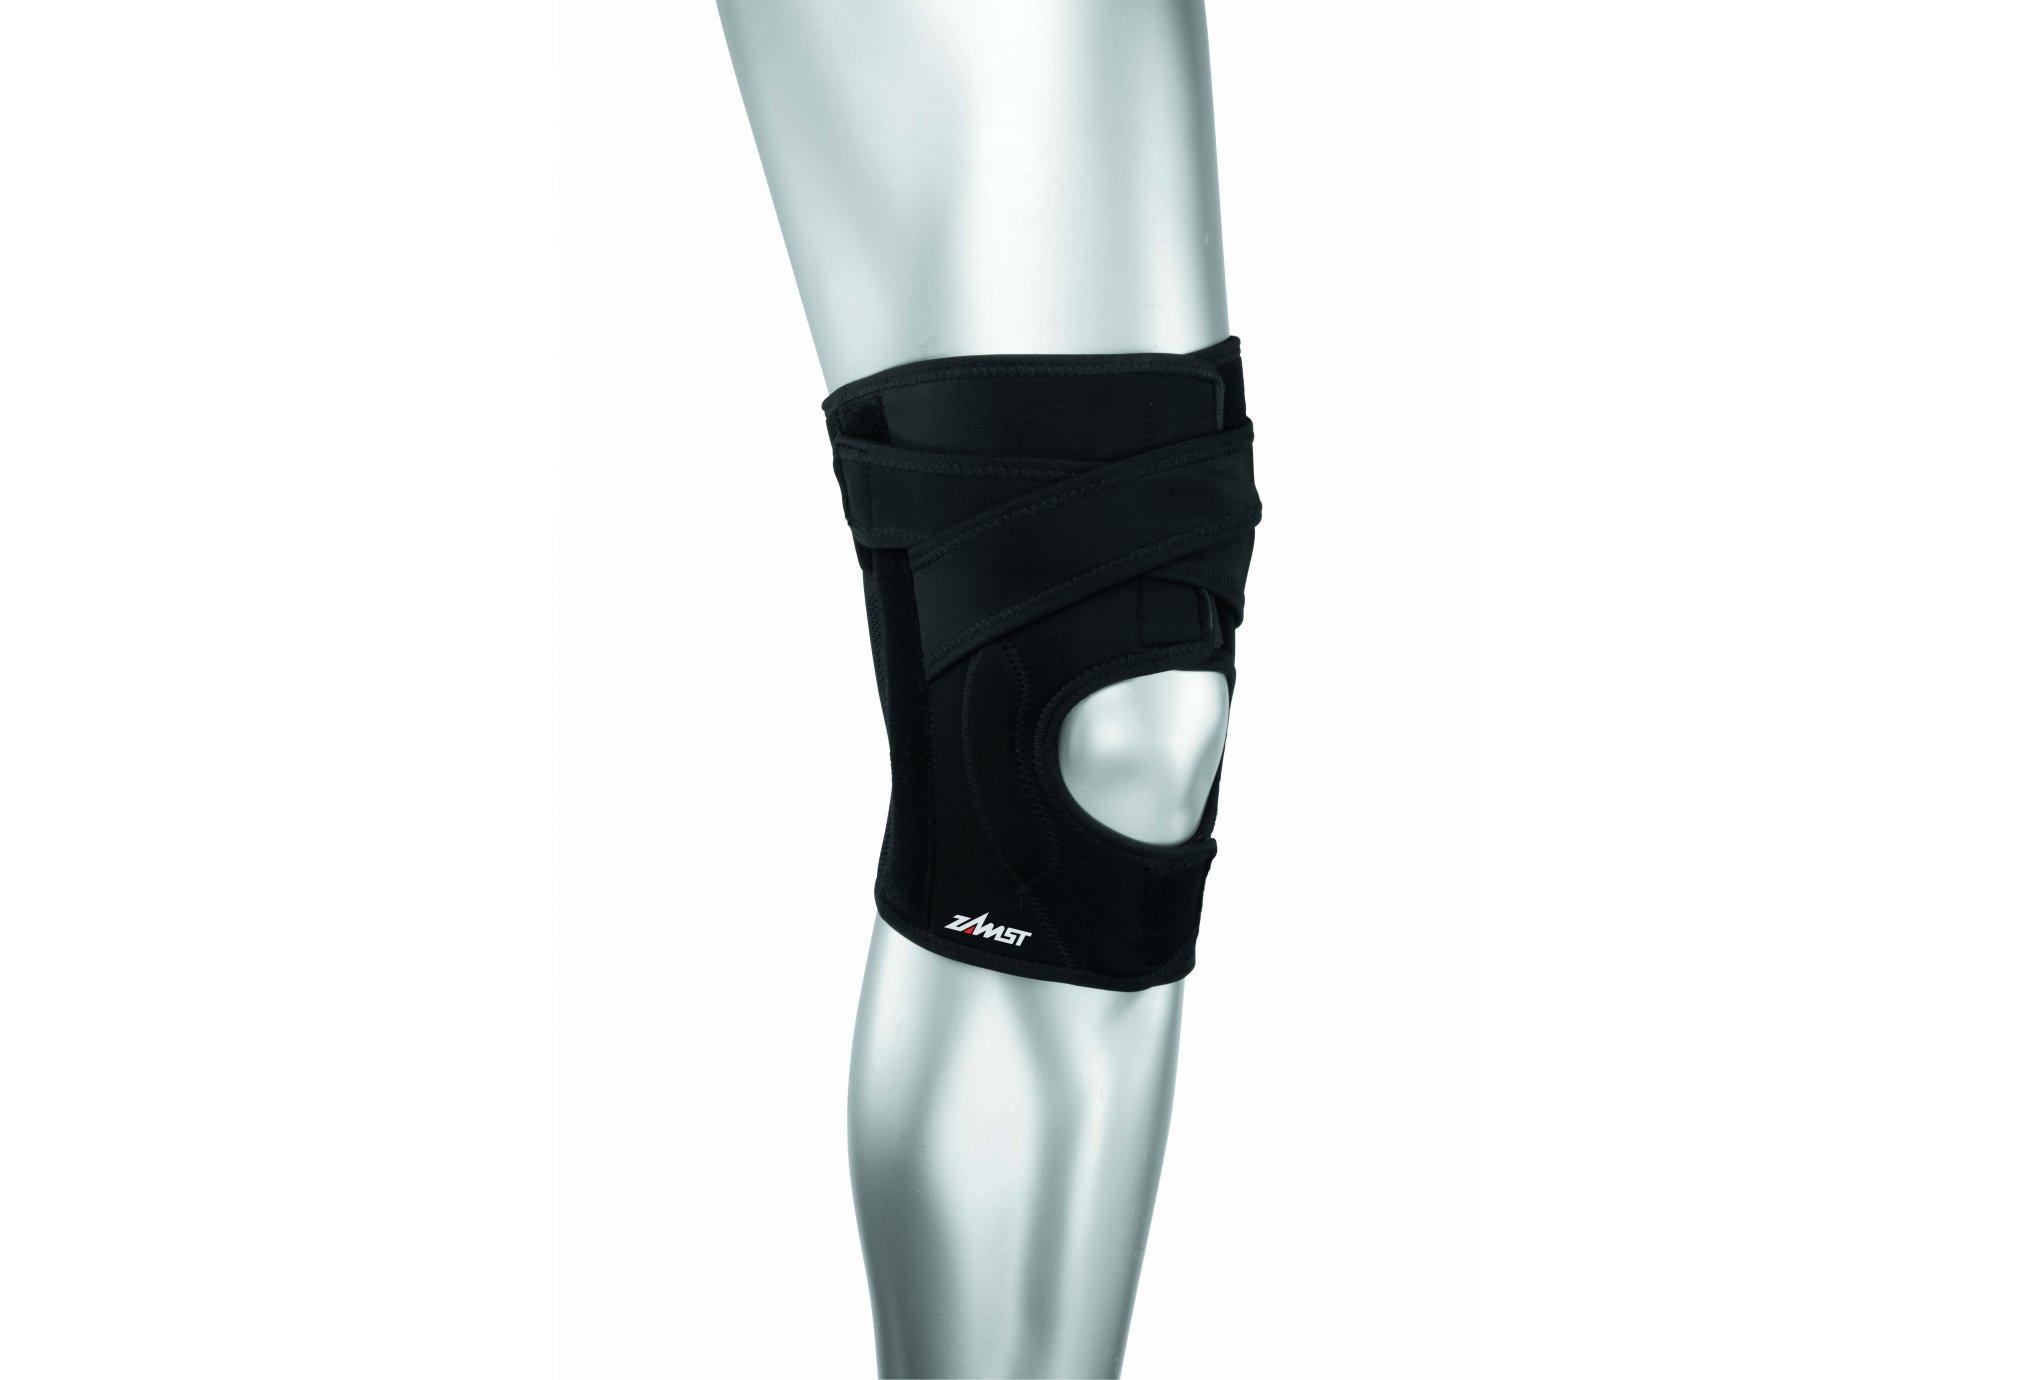 Zamst Genouillère de stabilisation EK-5 Protection musculaire & articulaire